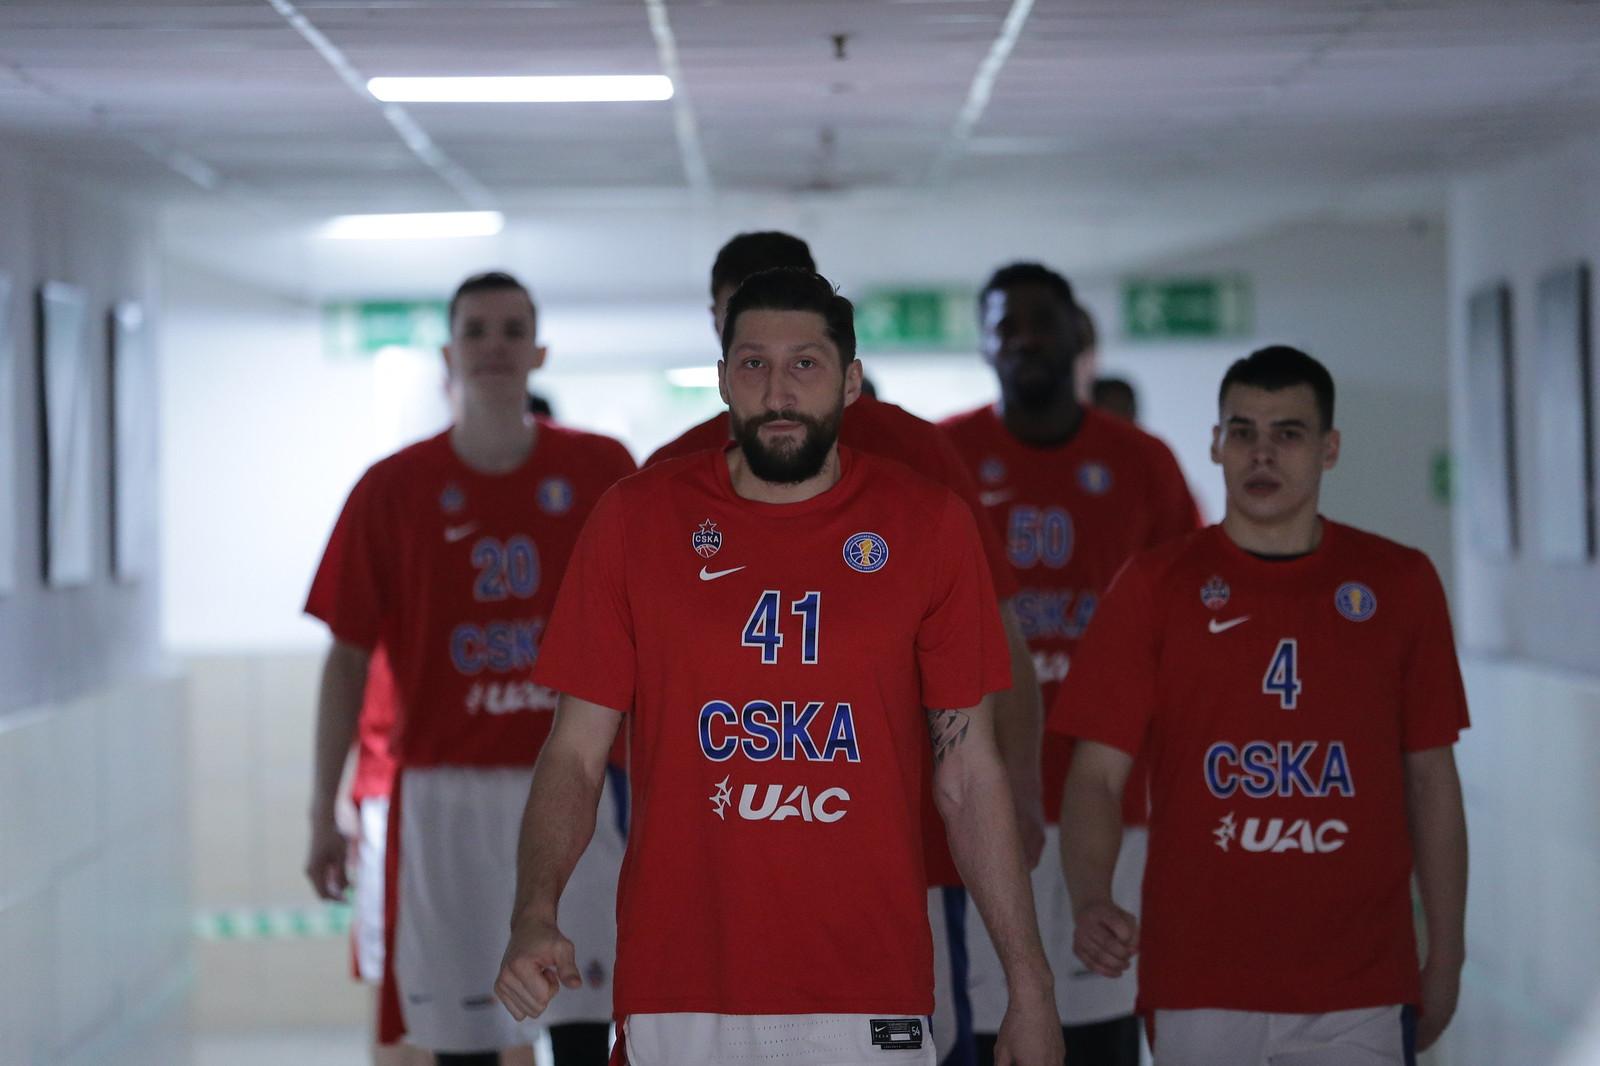 17/04/2021 Lokomotiv-CSKA 103:94